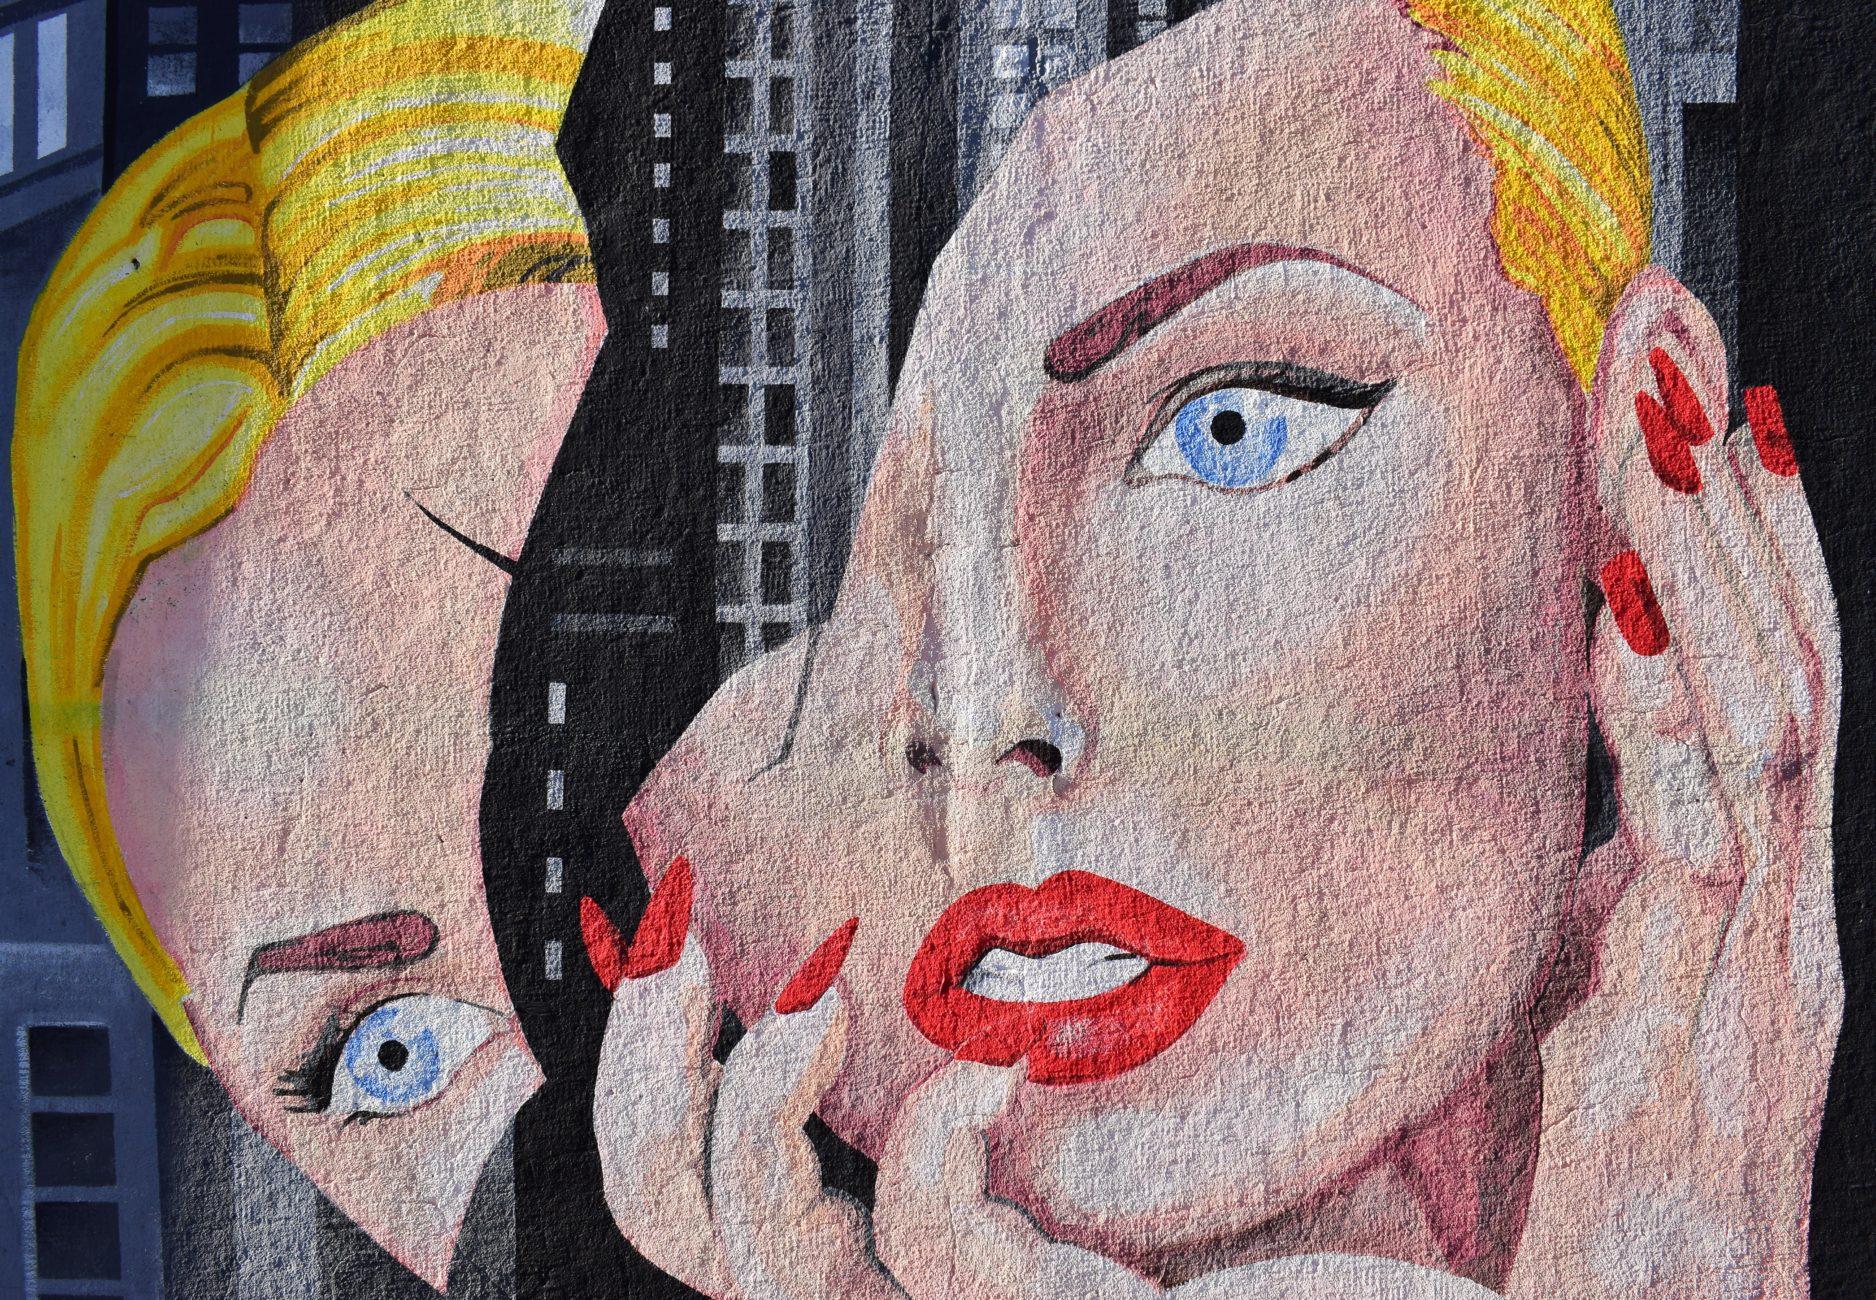 маска, лицо,интересно знать ло ложь эмоции Юлия Мазий, Почему люди врут?, Интересно знать! Новости Статьи Эмоции и чувства, psychologies.today 1